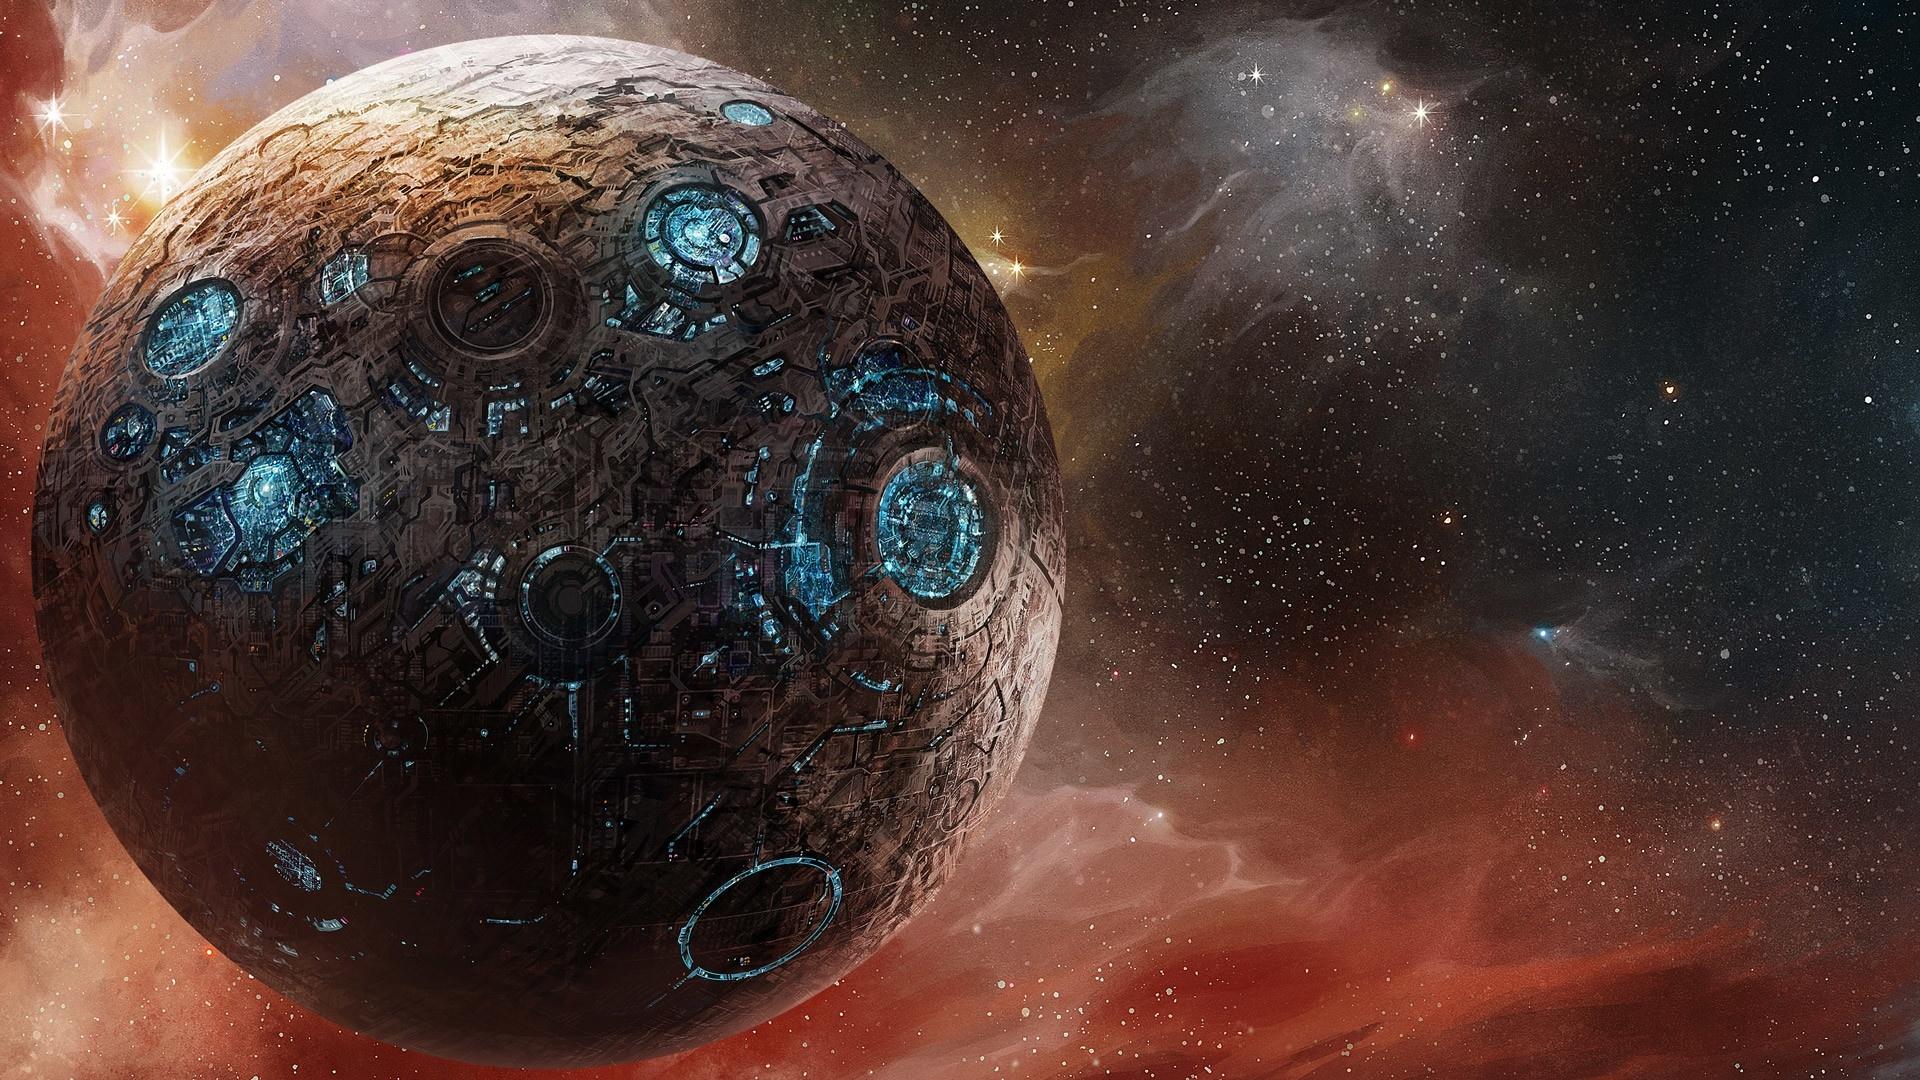 Alien Planet Art wallpaper for desktop